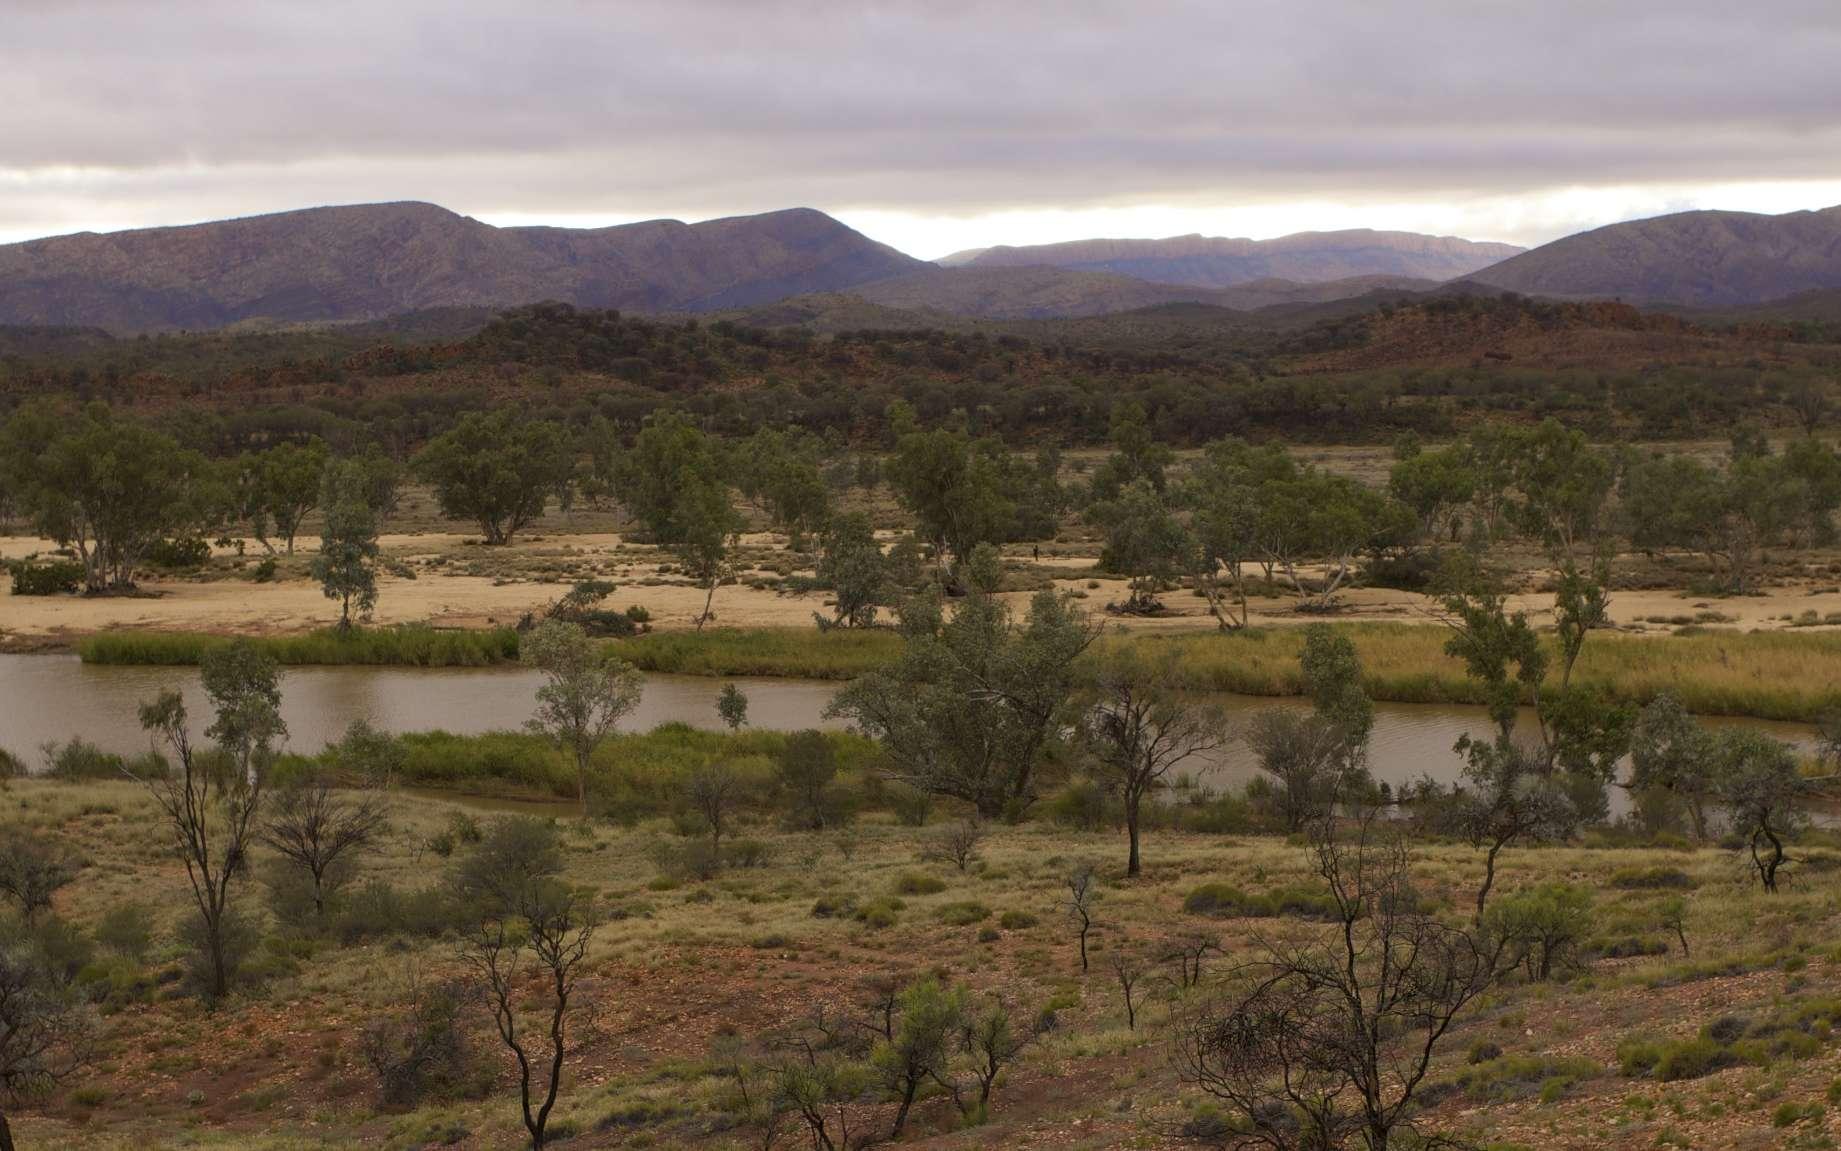 Le fleuve le plus vieux du monde suit son cours en faisant des détours sinueux au beau milieu de l'Australie. © BRJ Inc., Flickr